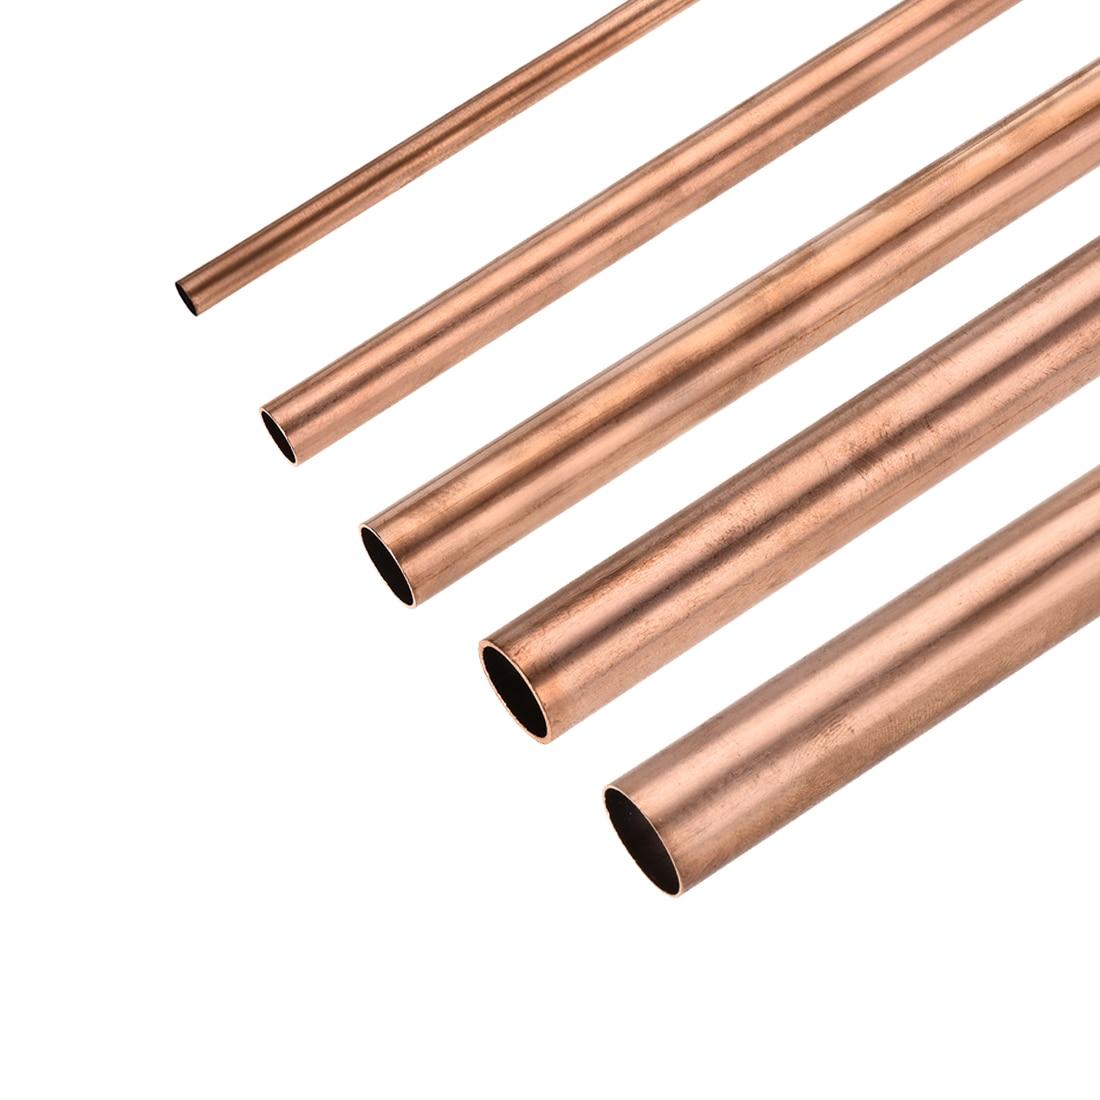 Tubo redondo 8mm-30mm od 100mm/200mm/300mm do cobre de uxcell 1pc tubulação reta oca do comprimento para artesanato de diy industrial